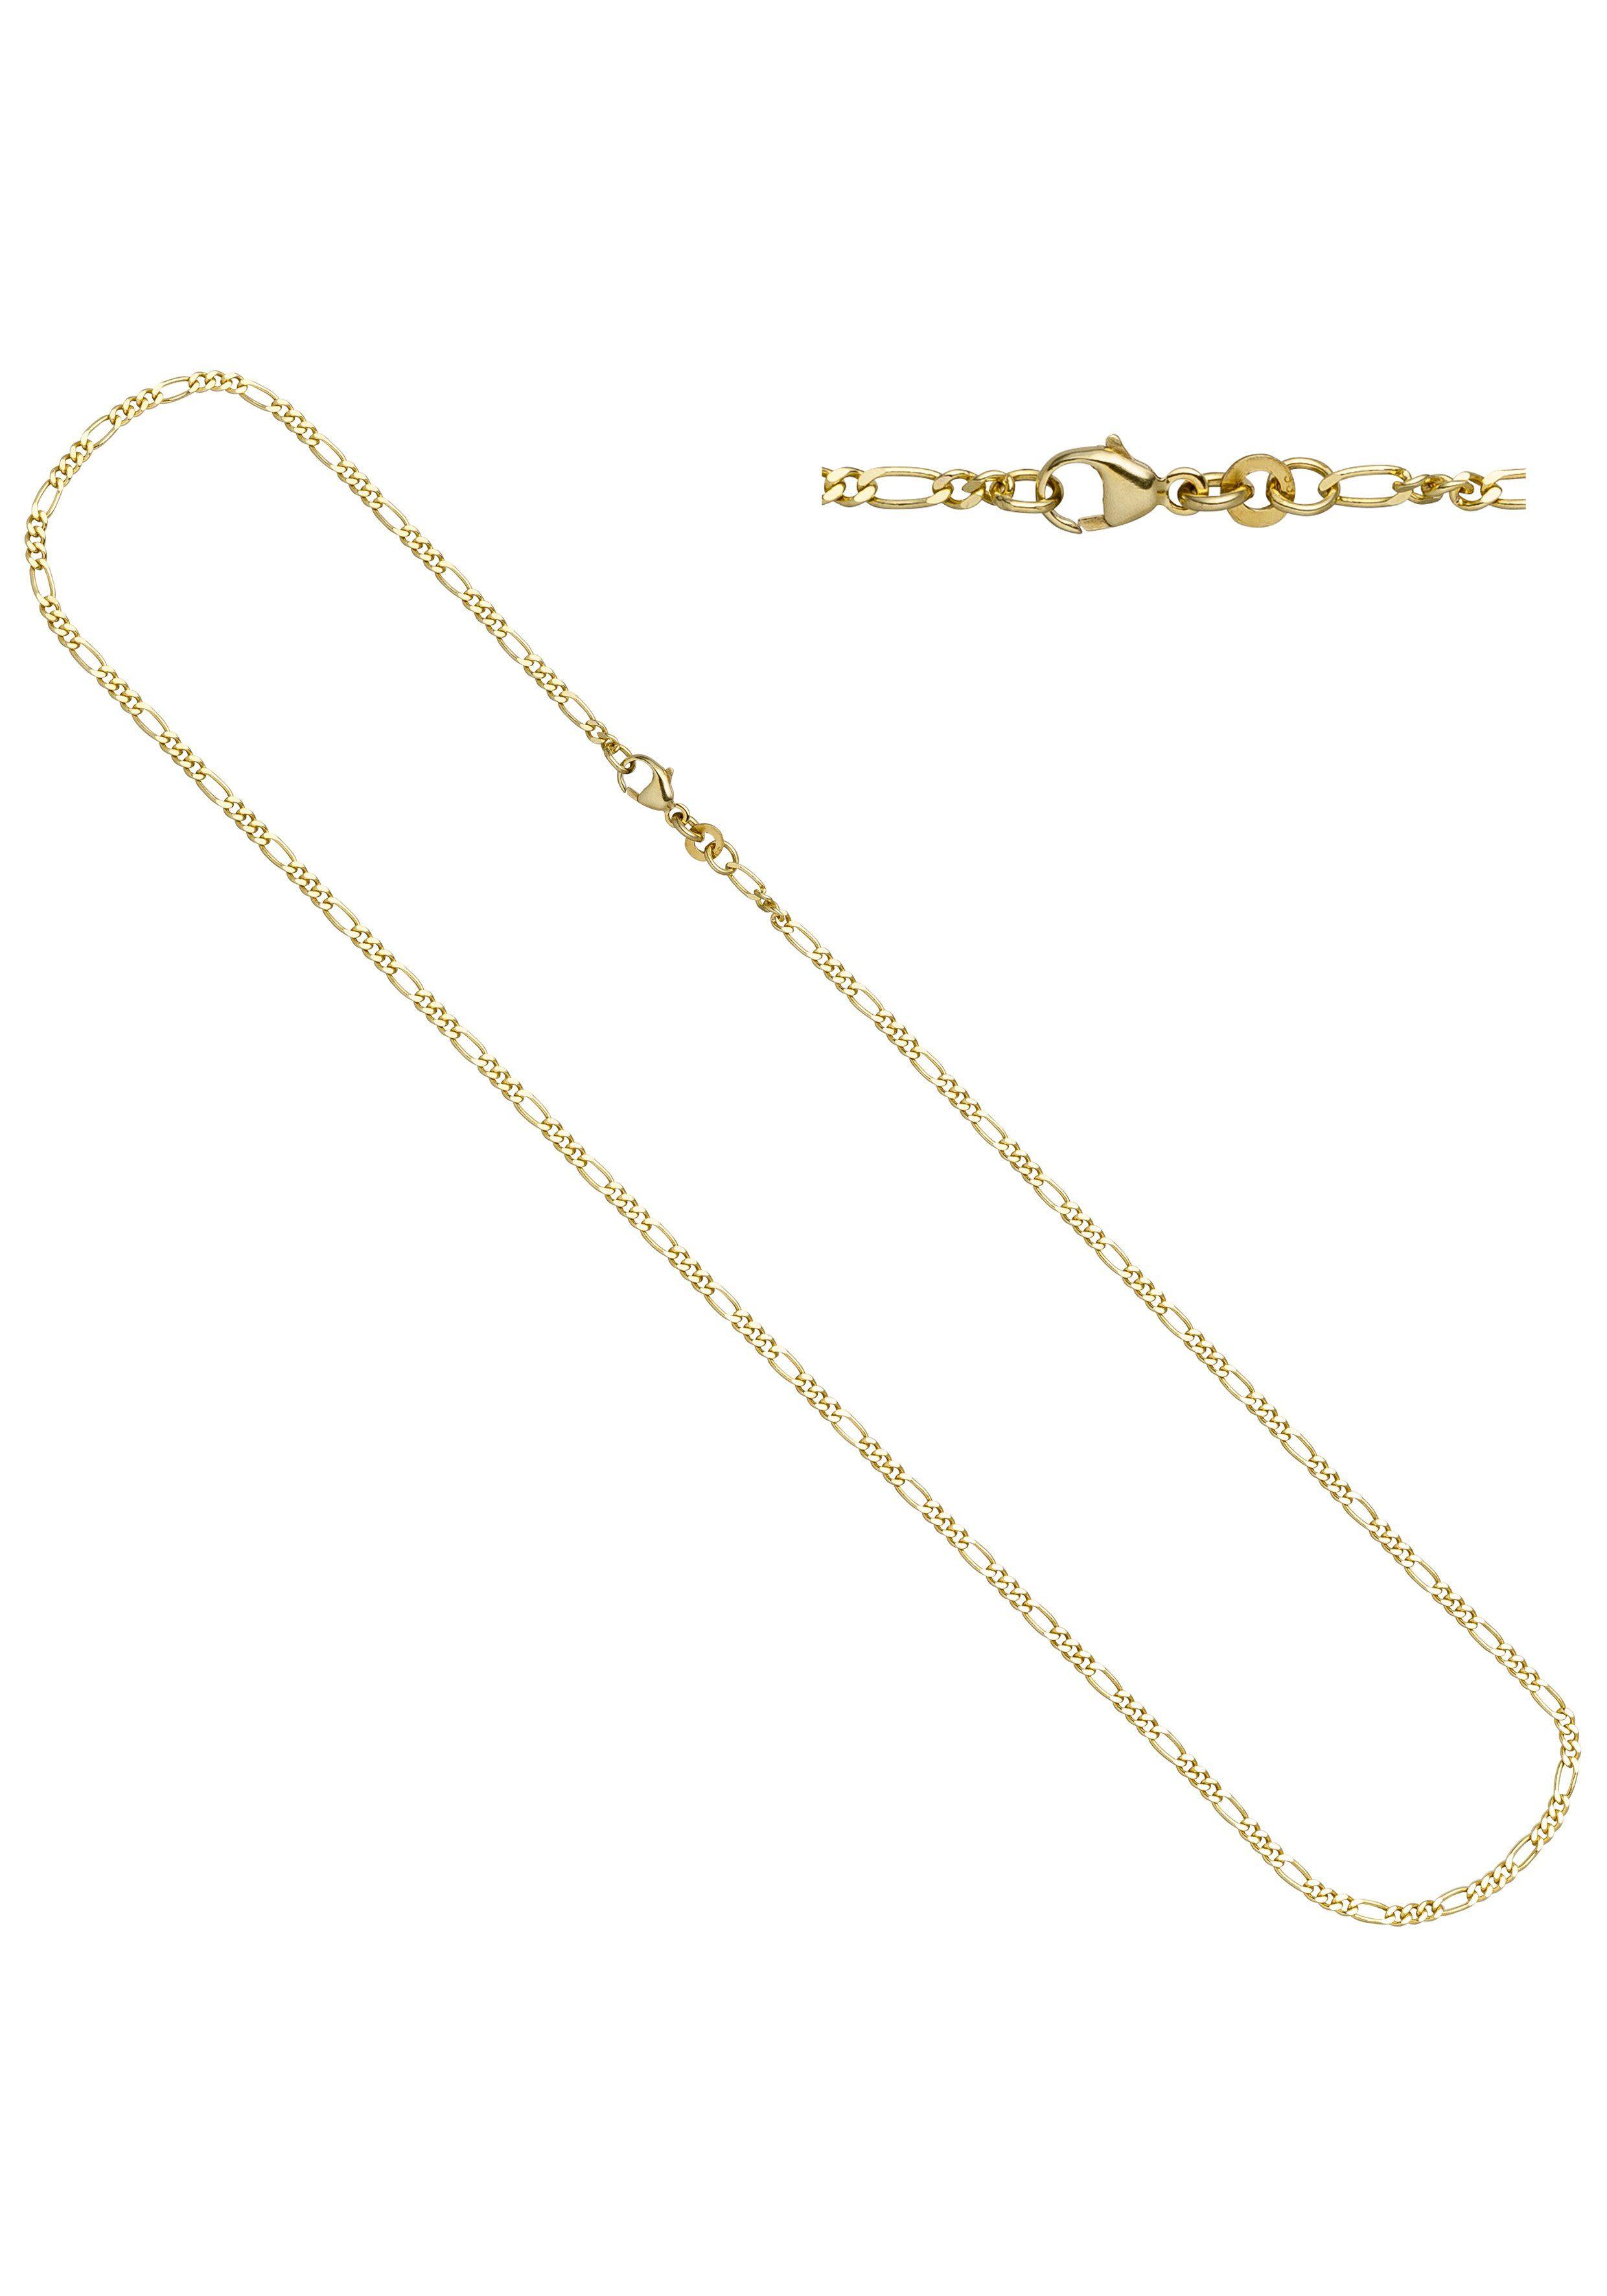 JOBO Goldkette Figarokette 333 Gold 45 cm 2,3 mm